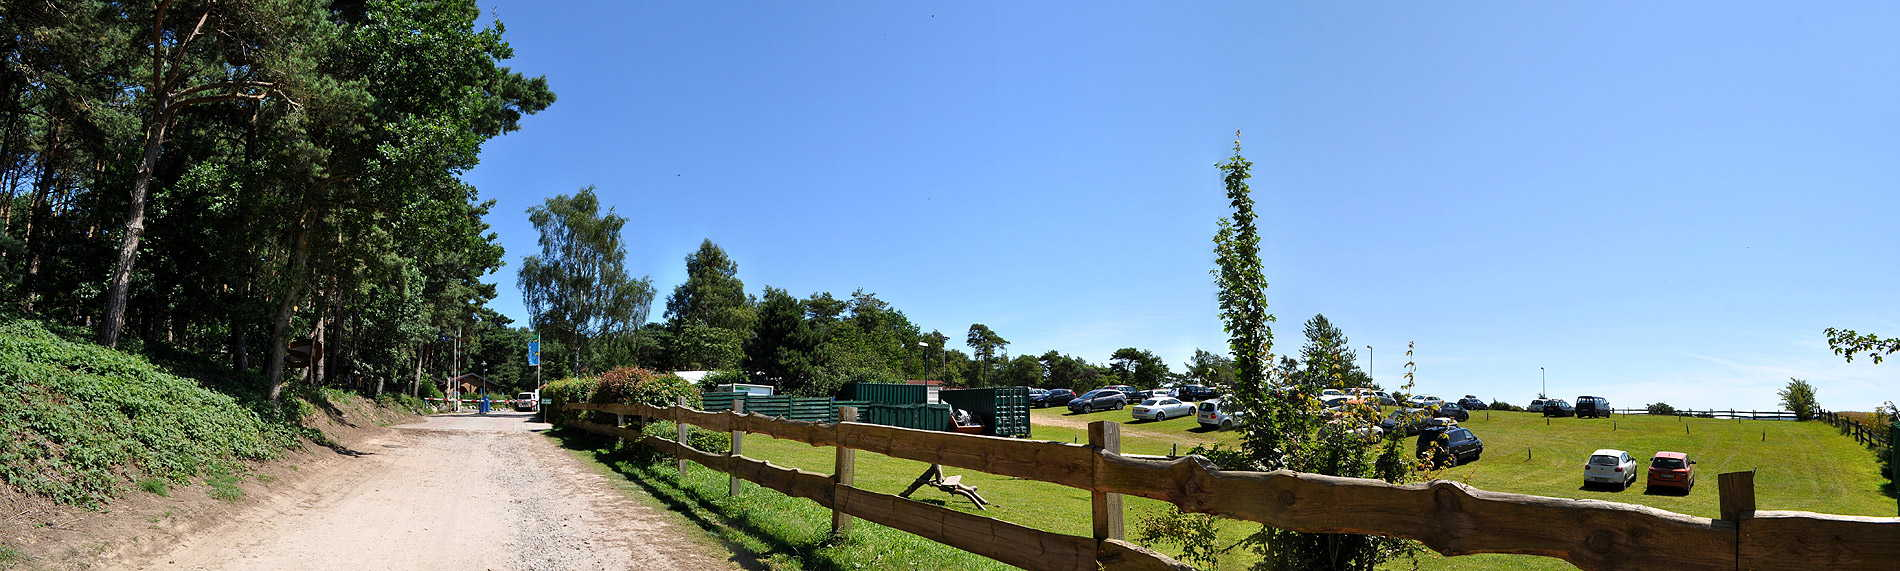 campingplatz-einfahrt